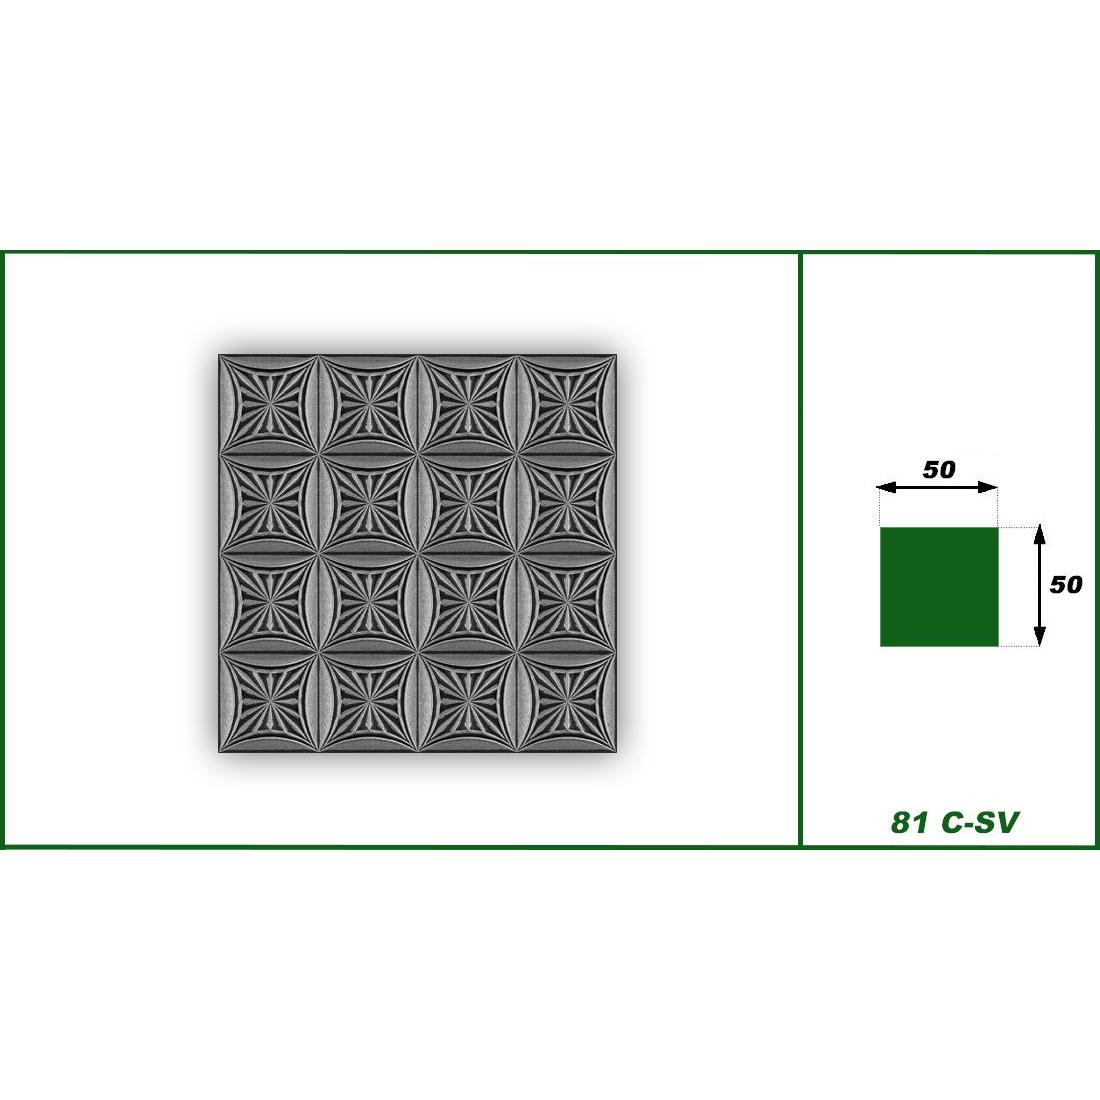 1 qm | Deckenplatten | XPS | formfest | Hexim | 50x50cm | NR.81